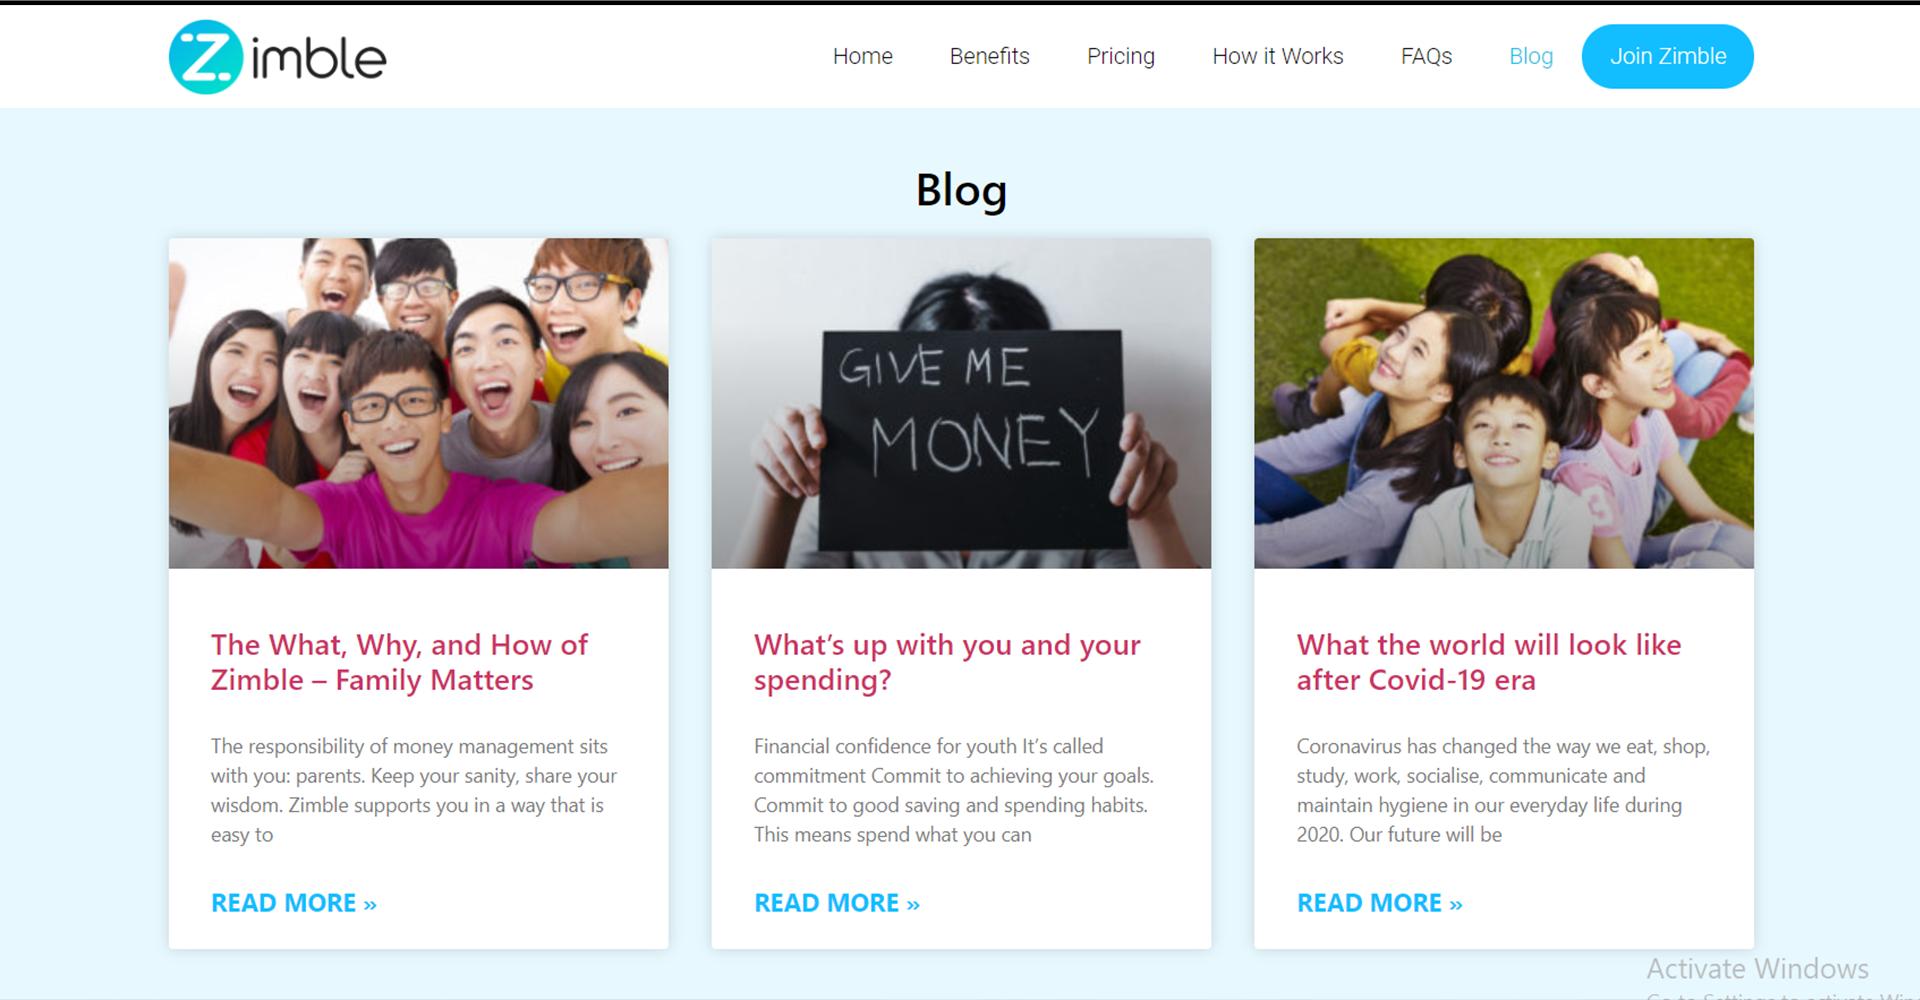 Zimble Blog Page